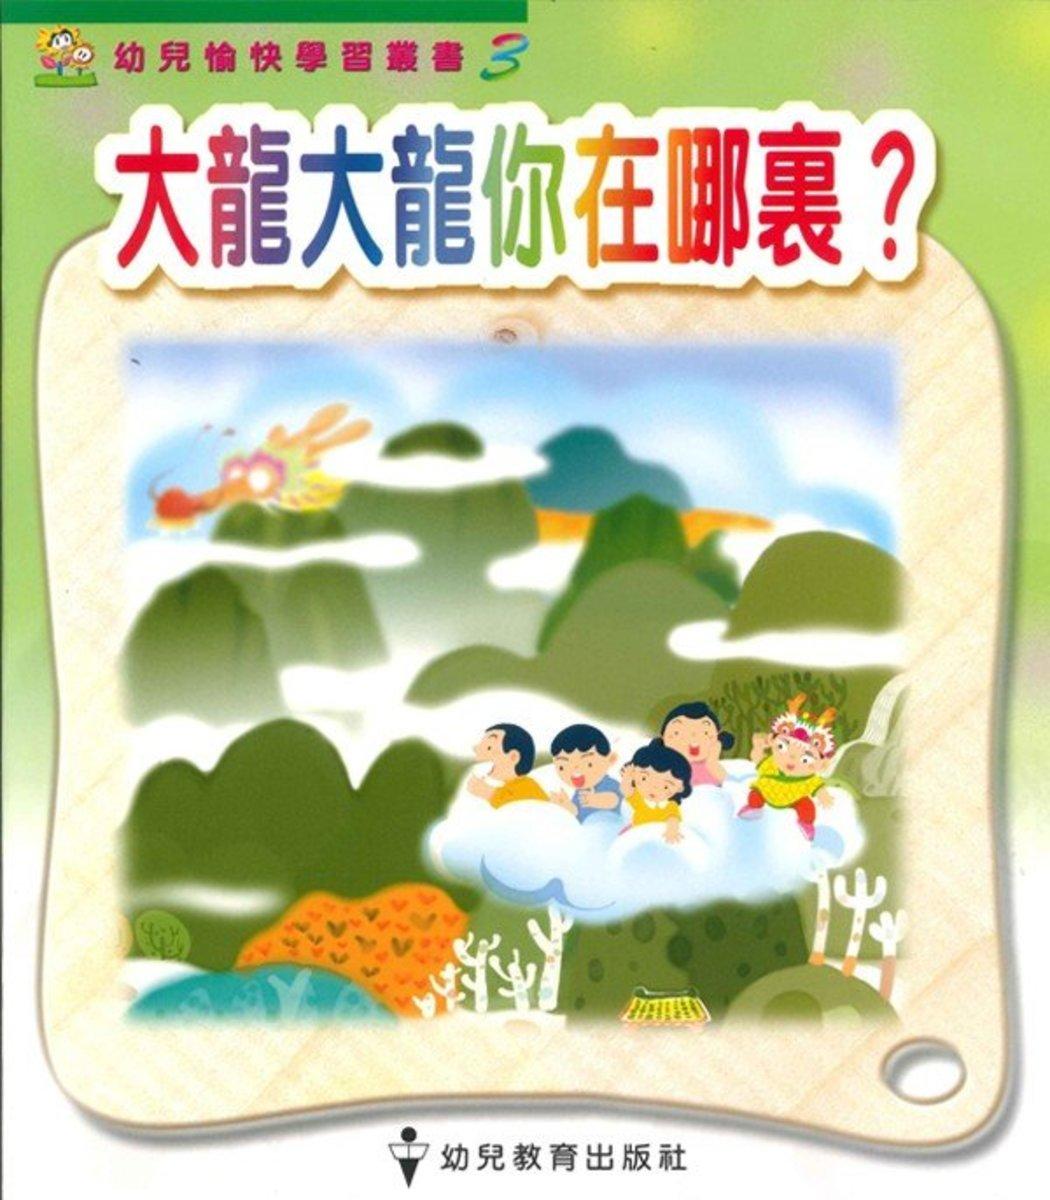 幼兒愉快學習叢書系列:大龍大龍你在哪裡(高班)